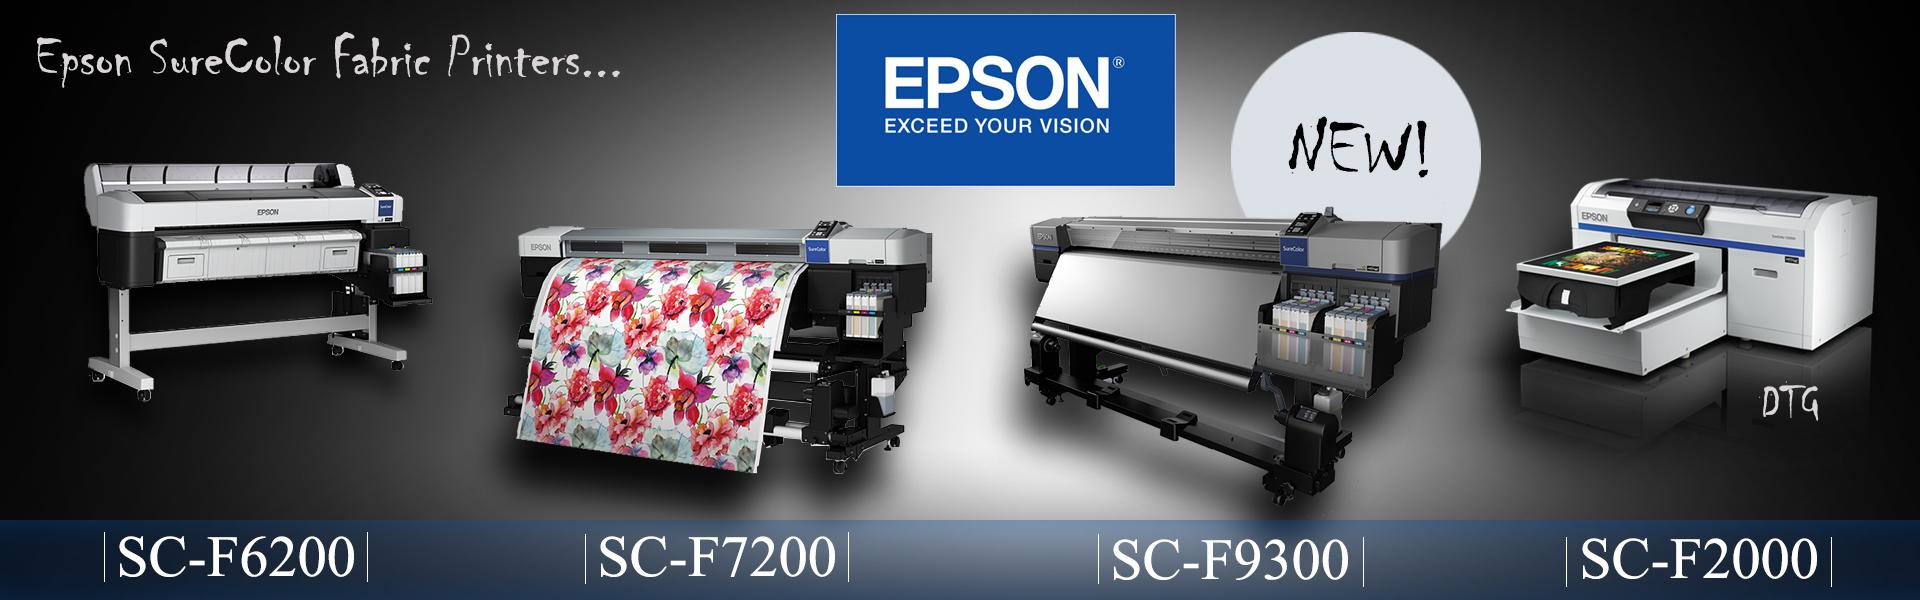 Epson-new-9300